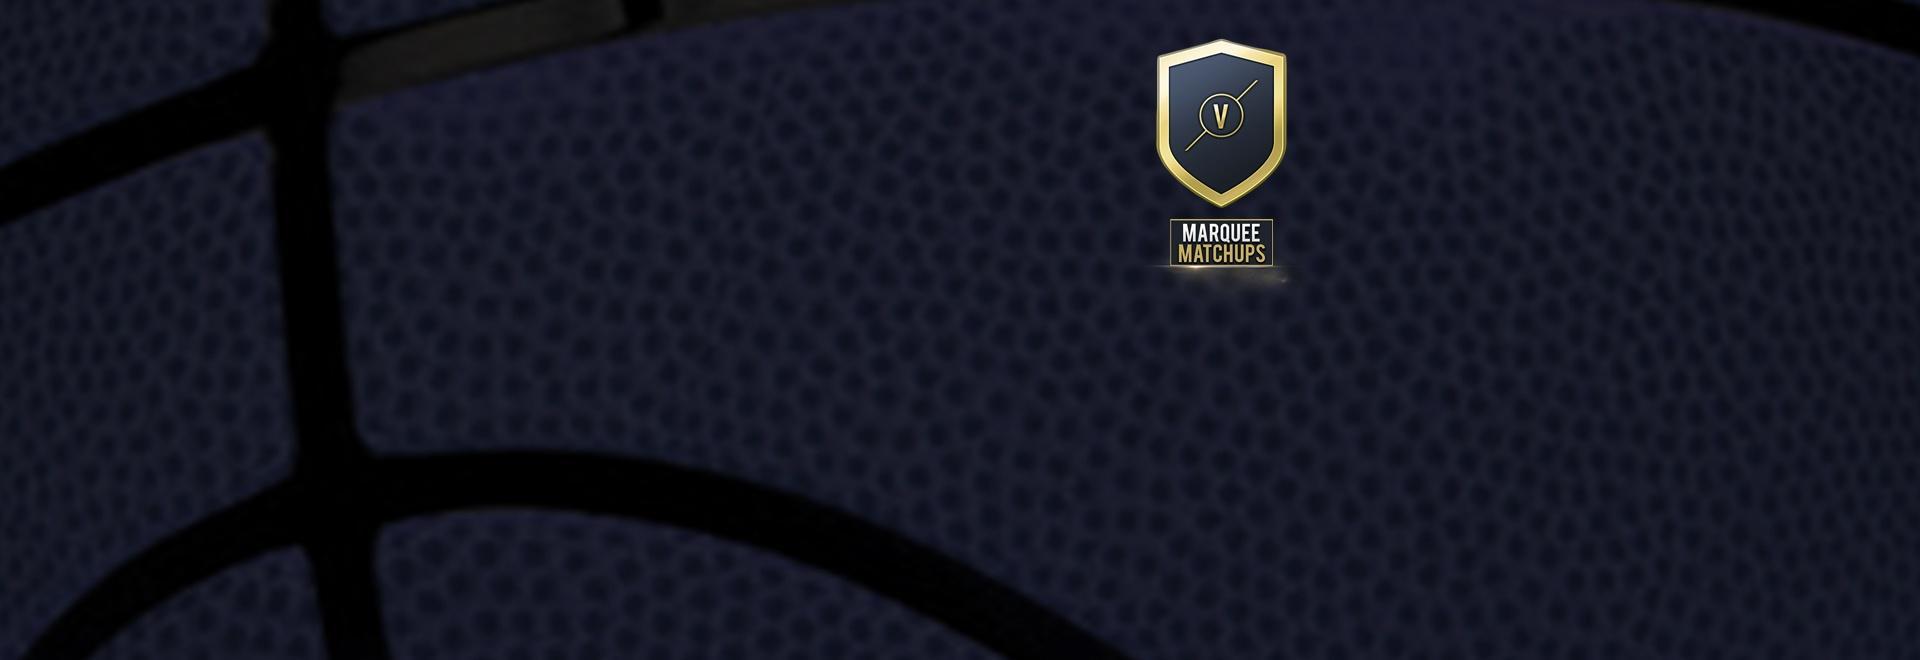 Spurs - Thunder 10/01/19 Aldridge 56 pts, 2OT